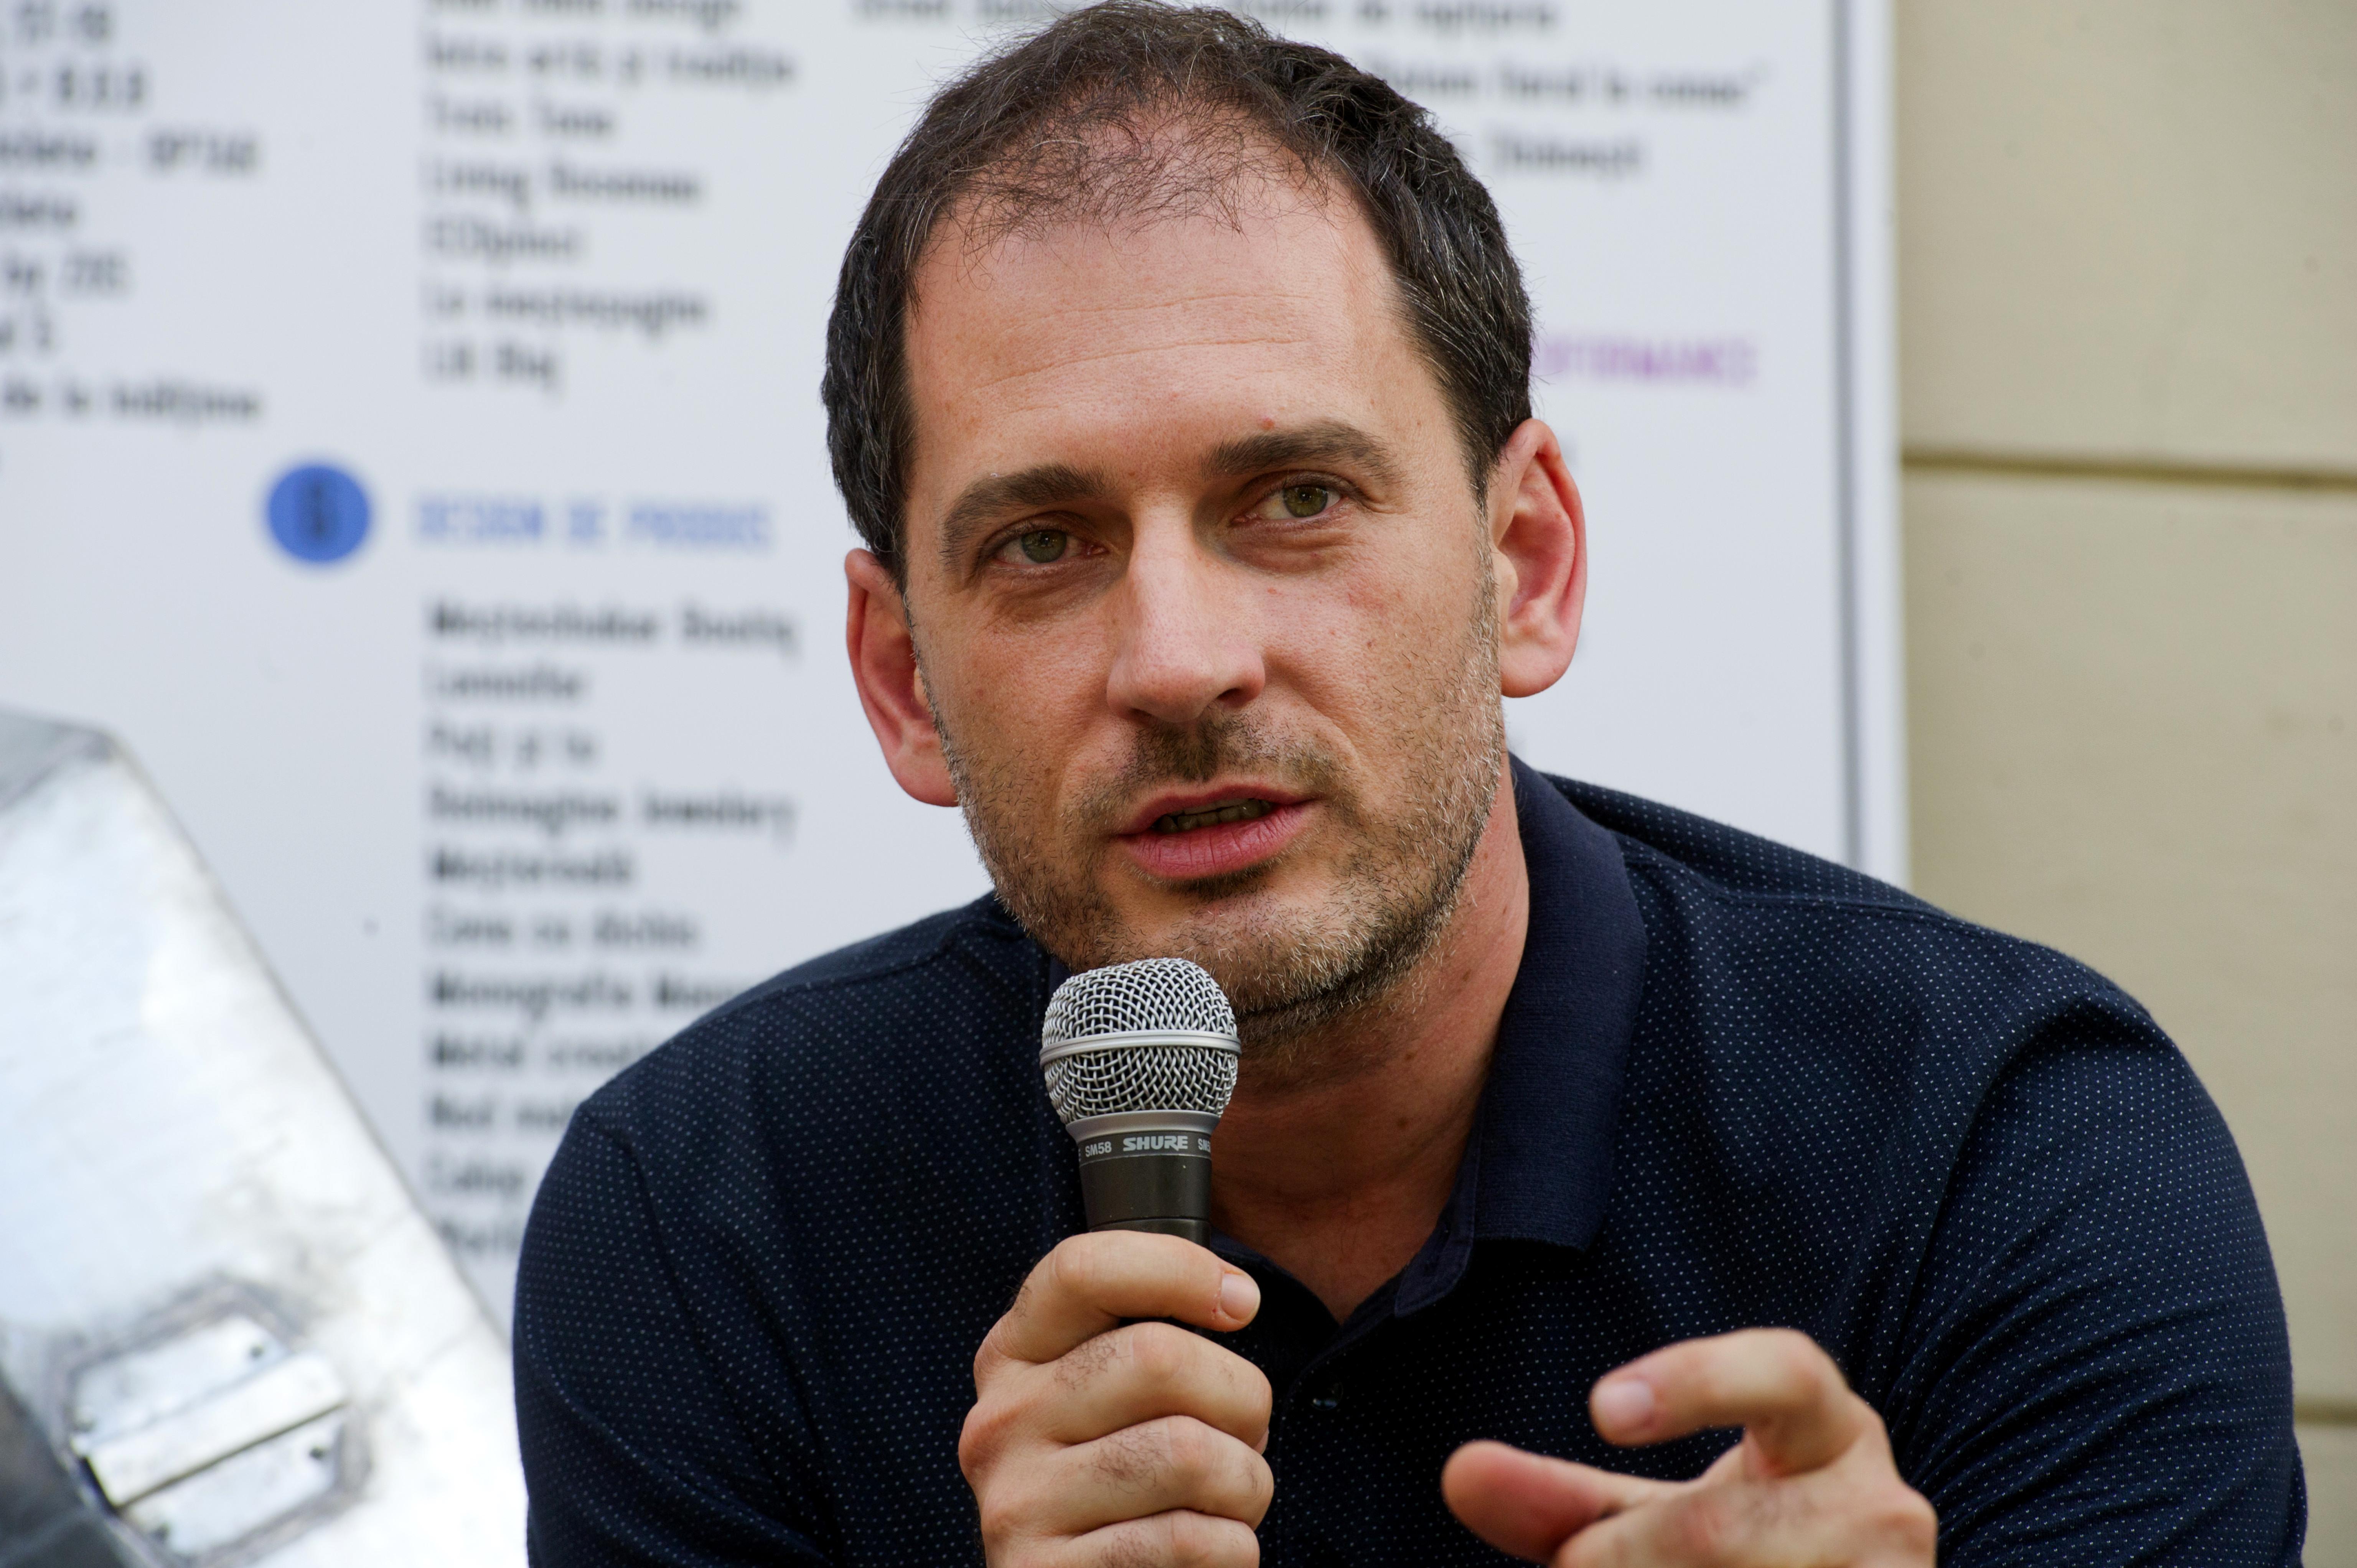 Șerban Radu, CEO Cărturești: Canalul online, unde am crescut cu 300%, nu compensează închiderea magazinelor fizice